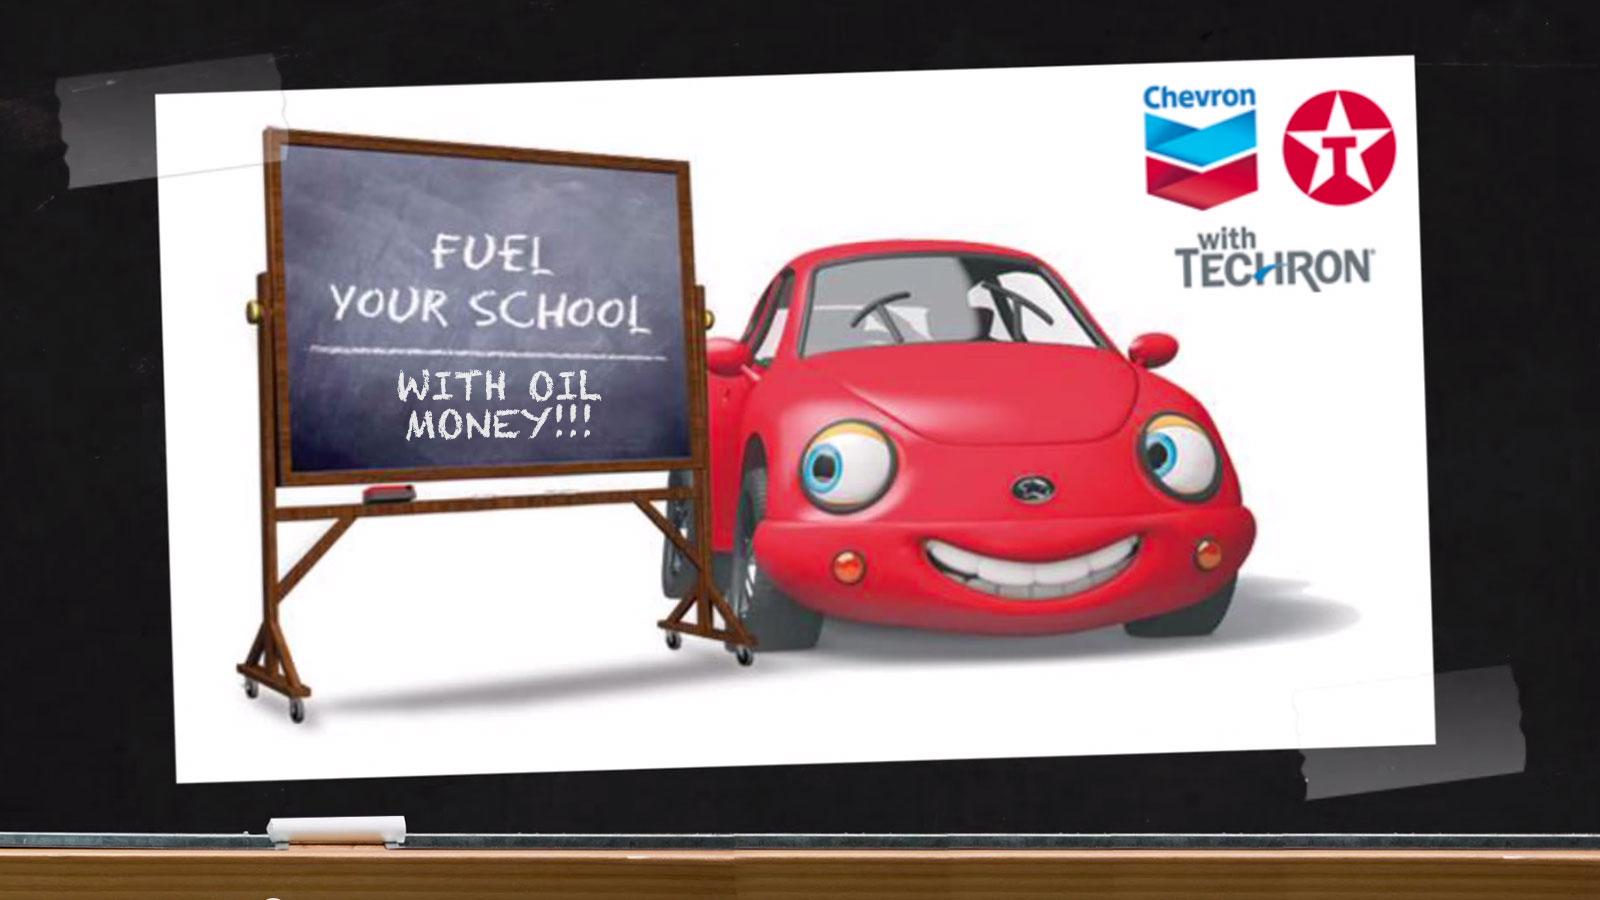 Fuel Your School!